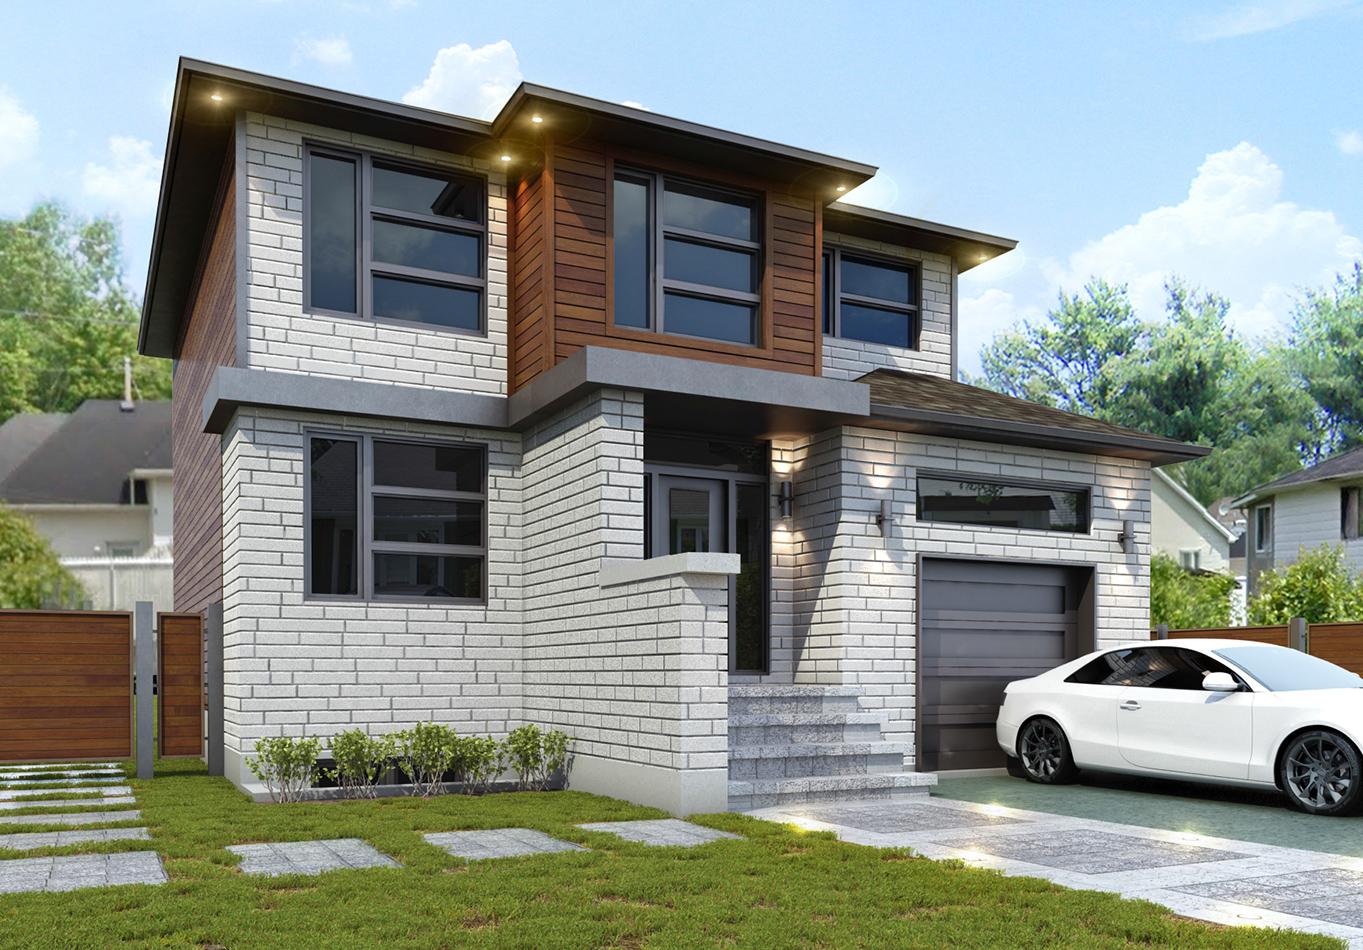 Maison 3d Maison Design